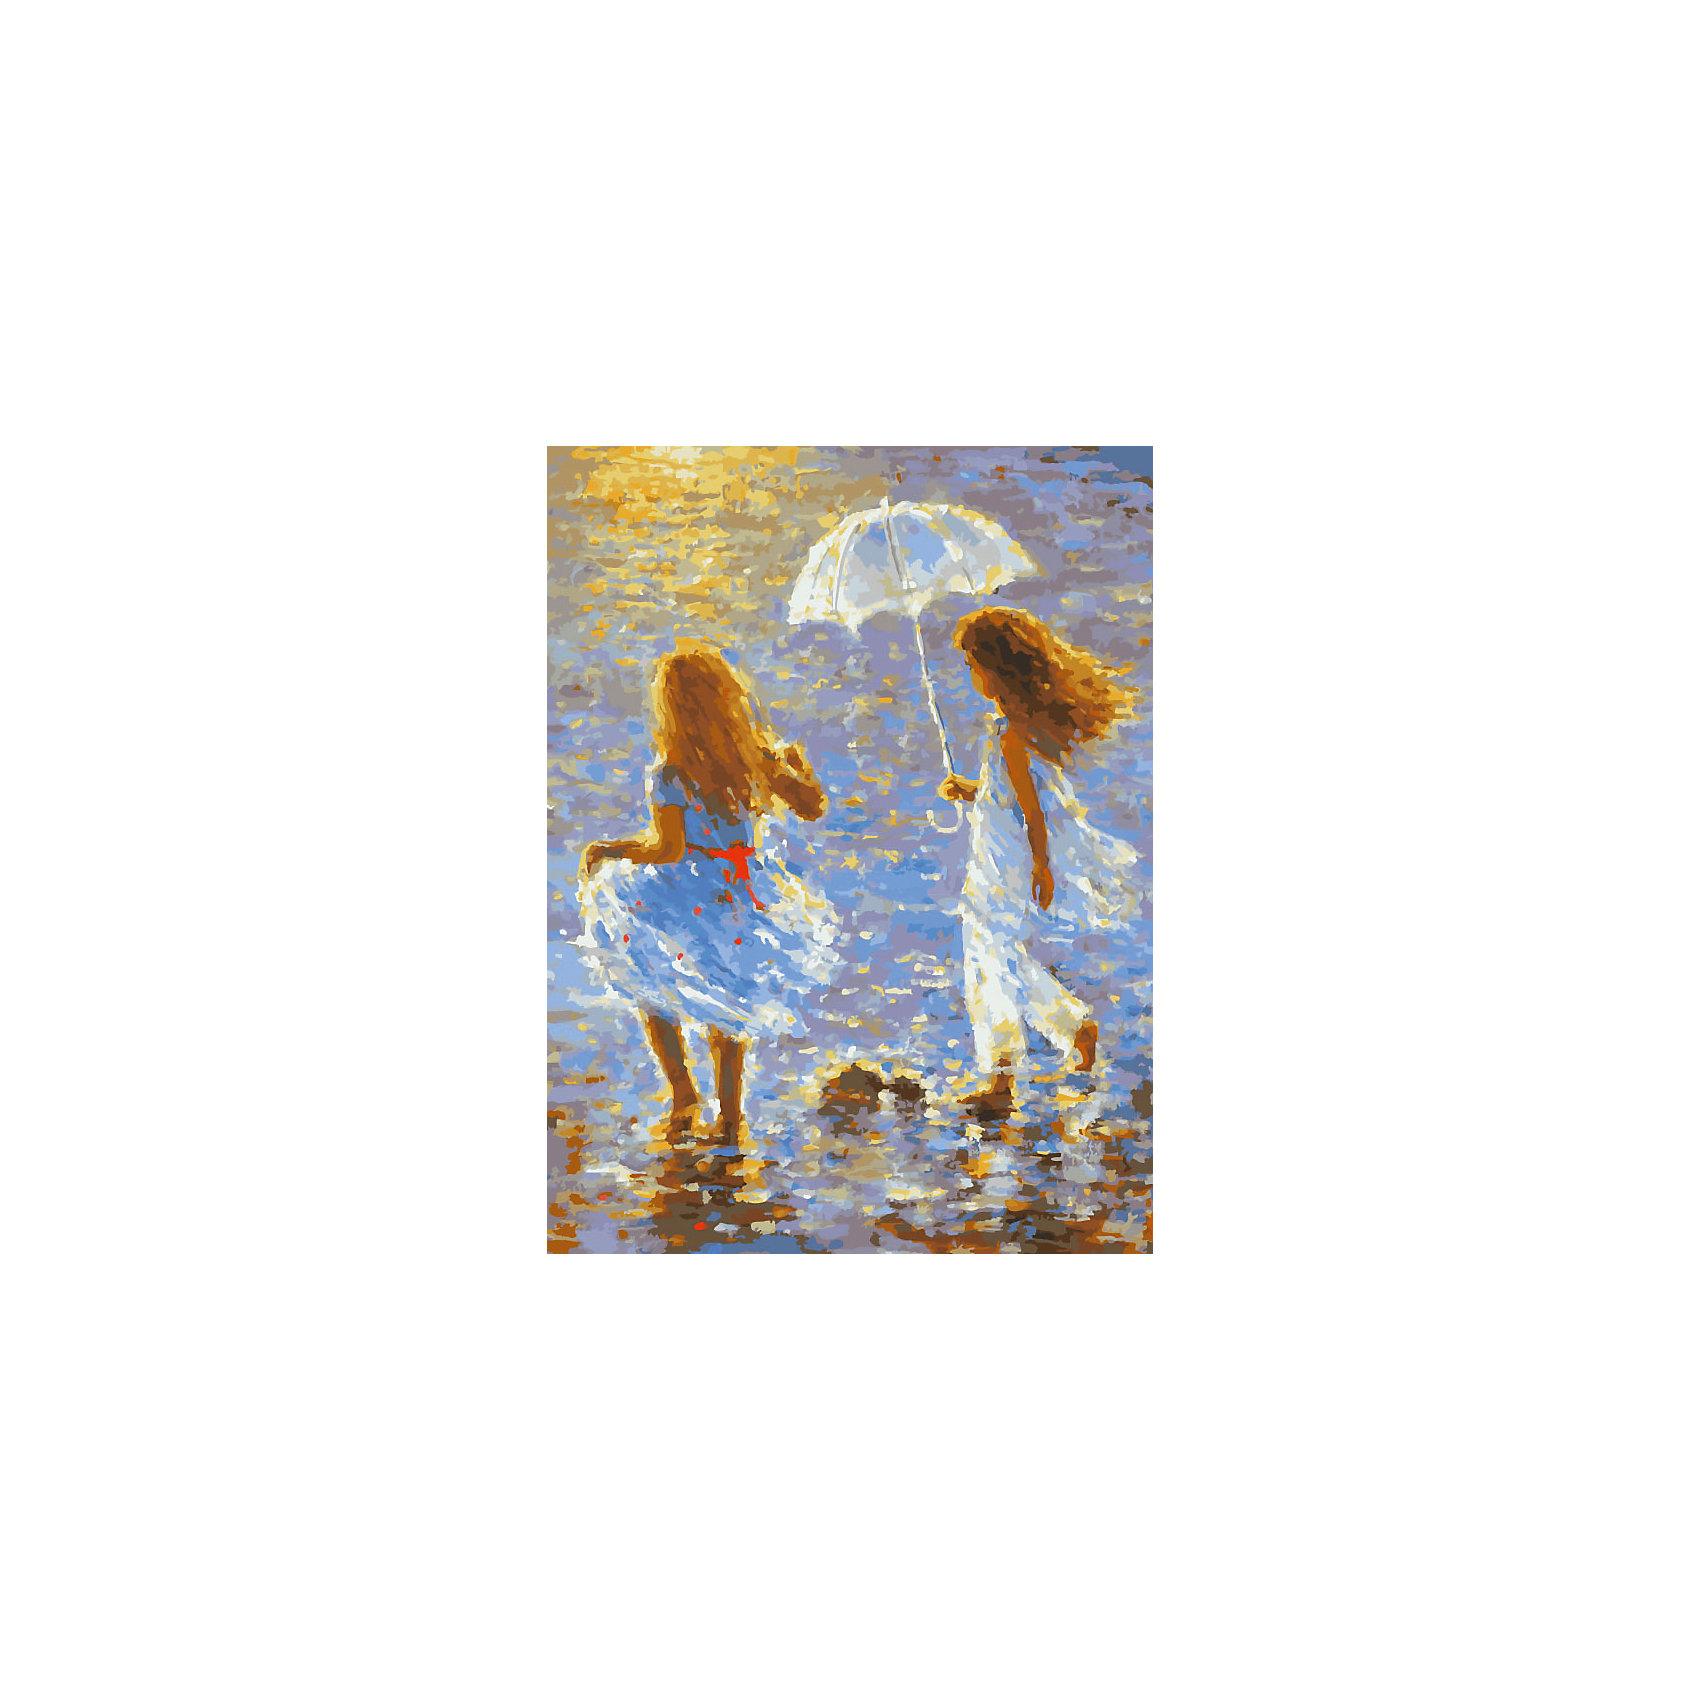 Живопись на холсте 30*40 см ПрогулкаХарактеристики товара:<br><br>• цвет: разноцветный<br>• материал: акрил, картон<br>• размер: 30 x 40 см<br>• комплектация: полотно на подрамнике с контурами рисунка, пробный лист с рисунком, набор акриловых красок, три кисти, крепление на стену для картины<br>• для детей от шести лет и взрослых<br>• не требует специальных навыков<br>• страна бренда: Китай<br>• страна изготовитель: Китай<br><br>Рисование - это занятие, которое любят многие дети и взрослые. Оно помогает развить важные навыки и просто приносит удовольствие! Чтобы вселить в ребенка уверенность в своих силах, можно предложить ему этот набор - в нем уже есть сюжет, контуры рисунка и участки с номерами, которые обозначают определенную краску из набора. Все оттенки уже готовы, задача художника - аккуратно, с помощью кисточек из набора, нанести краски на определенный участок полотна.<br>Взрослым также понравится этот процесс, рисовать можно и вместе с малышом! В итоге получается красивая картина, которой можно украсить интерьер. Рисование способствует развитию мелкой моторики, воображения, цветовосприятия, творческих способностей и усидчивости. Набор отлично проработан, сделан из качественных и проверенных материалов, которые безопасны для детей. Краски - акриловые, они быстро сохнут и легко смываются с кожи.<br><br>Живопись на холсте 30*40 см Прогулка от торговой марки Белоснежка можно купить в нашем интернет-магазине.<br><br>Ширина мм: 410<br>Глубина мм: 310<br>Высота мм: 25<br>Вес г: 567<br>Возраст от месяцев: 72<br>Возраст до месяцев: 144<br>Пол: Унисекс<br>Возраст: Детский<br>SKU: 5089650